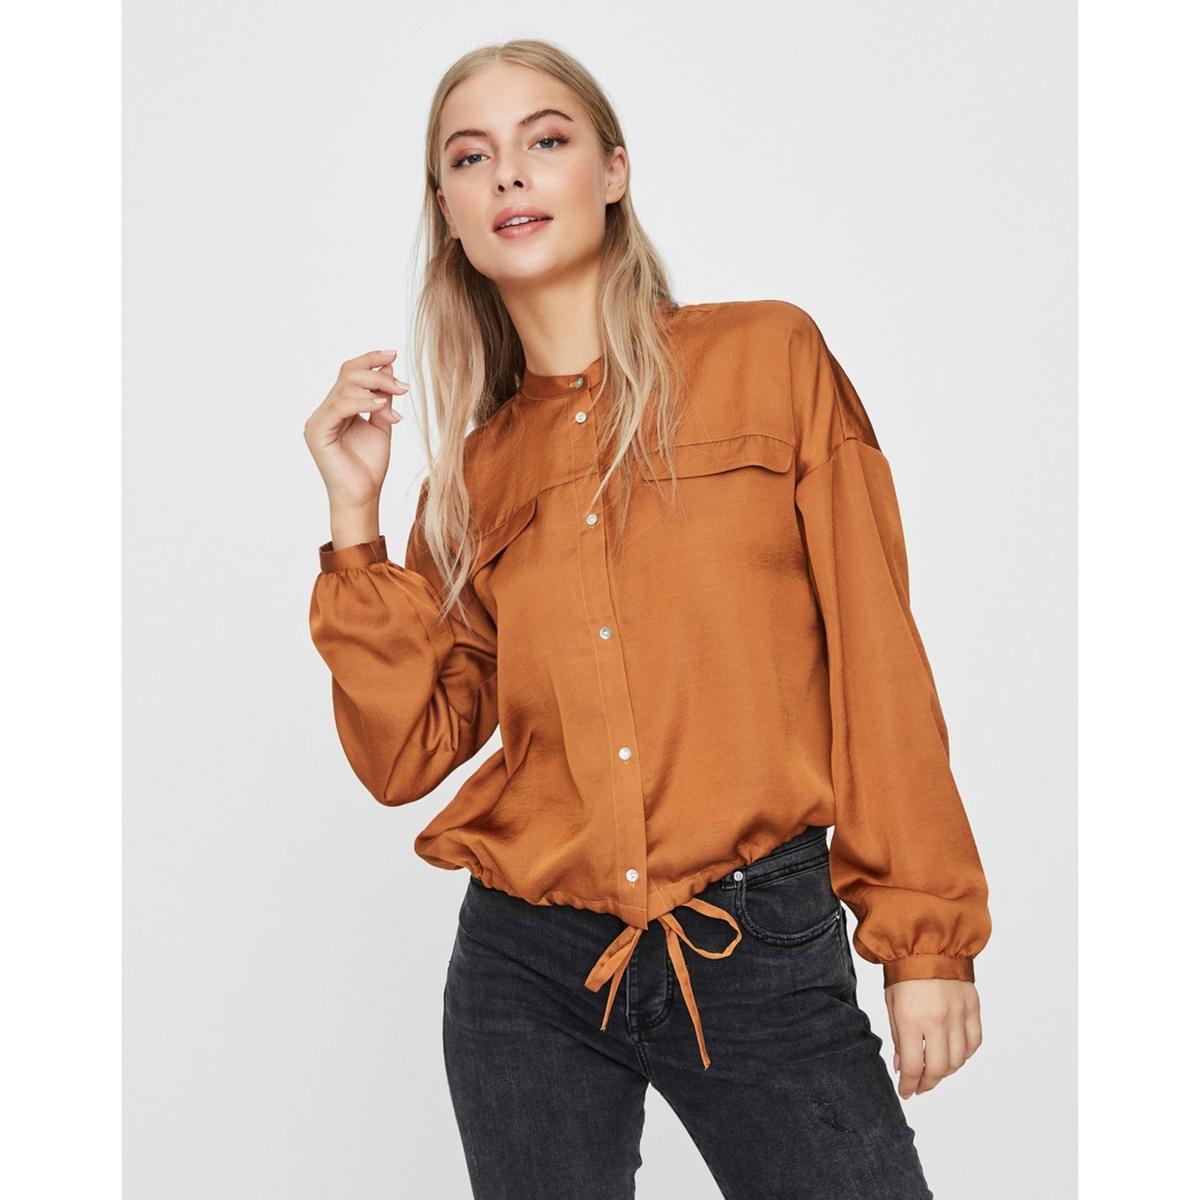 Блузка La Redoute Атласная с воротником-стойкой и длинными рукавами XS каштановый блузка la redoute из вуали с принтом и длинными рукавами smoke 3 l каштановый